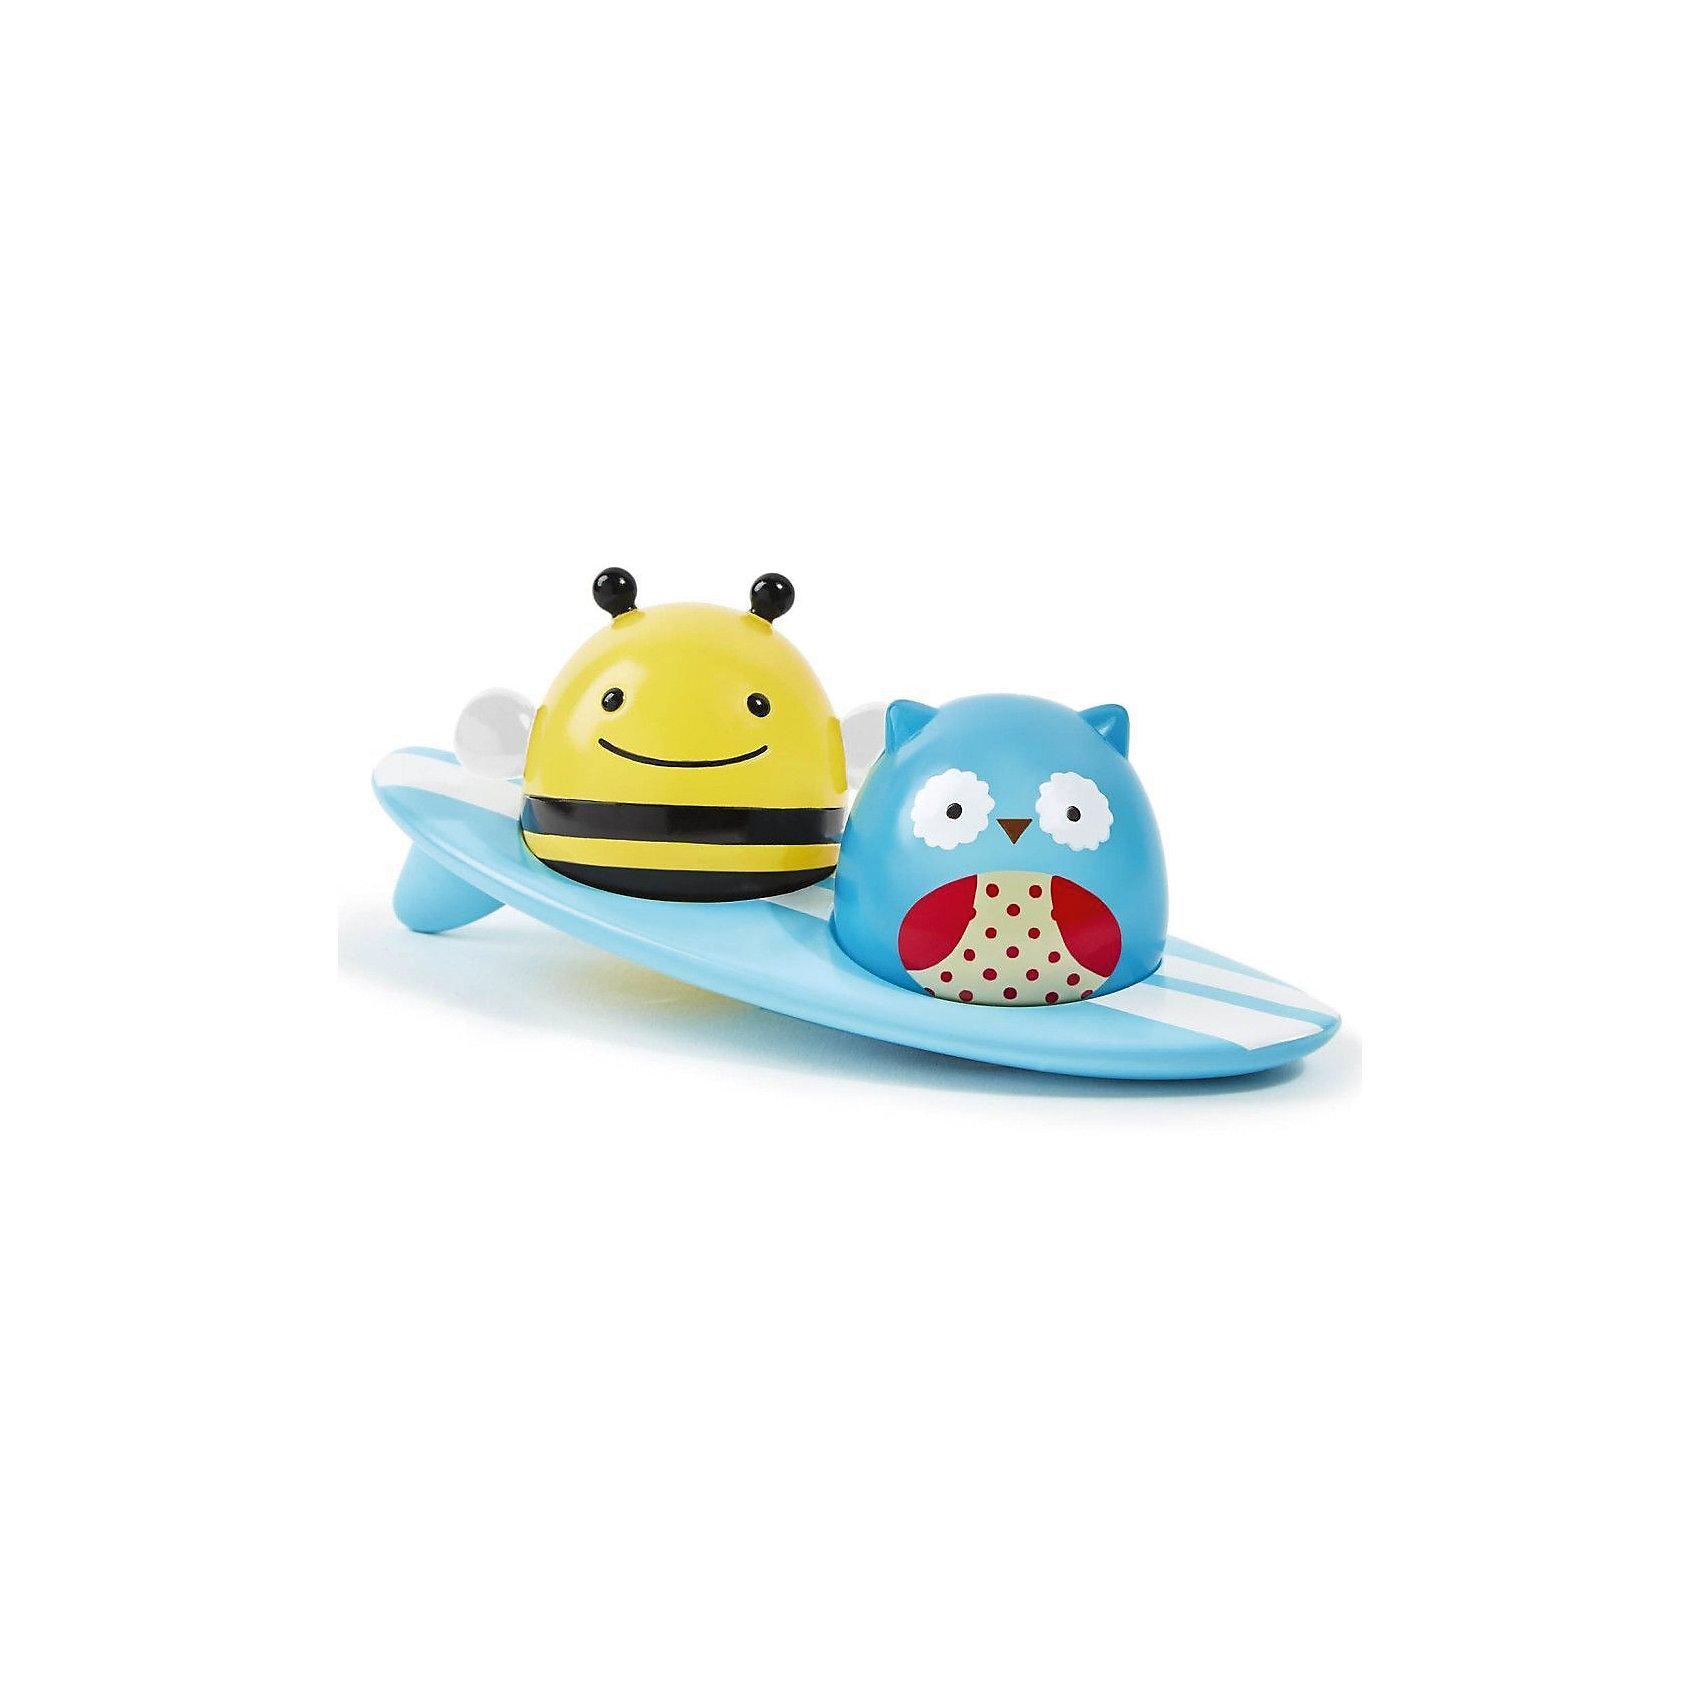 Игрушка для ванной Серферы, Skip HopИгрушки ПВХ<br>Игрушка для ванной Серферы, Skip Hop<br><br>Характеристики:<br><br>• В набор входит: три плавающие игрушки<br>• Состав: пластик <br>• Размер: 18* 7* 7 см<br>• Производитель: Китай<br>• При замыкании контактов на основании фигурок пальцем или при контакте с водой фигурки начинают светиться (работает от батареек).<br><br>Данная игрушка имеет необычную особенность - она начинает светиться при контакте с водой. Игрушка в виде Совы и Пчелы могут быть извлечены из доски для сёрфинга. Размер этой игрушки для ванны очень подходит для маленьких ручек, детям будет удобно запускать этот оригинальный сёрф по ванной, воображая, что отважные герои на сёрфе покоряют морские просторы. Оригинальная форма игрушки позволяет героям всегда держаться на плаву. <br><br>Игрушка сочетает в себе сразу несколько цветов, чтобы привлечь внимание малыша и познакомить с некоторыми цветами. Играя с этой игрушкой малыш сможет развивать логическое мышление, звуковое, зрительное и тактильное восприятие, а также моторику рук. <br><br>Игрушку для ванной Серферы от Skip Hop можно купить в нашем интернет-магазине.<br><br>Ширина мм: 99<br>Глубина мм: 99<br>Высота мм: 99<br>Вес г: 99<br>Возраст от месяцев: -2147483648<br>Возраст до месяцев: 2147483647<br>Пол: Унисекс<br>Возраст: Детский<br>SKU: 4769513